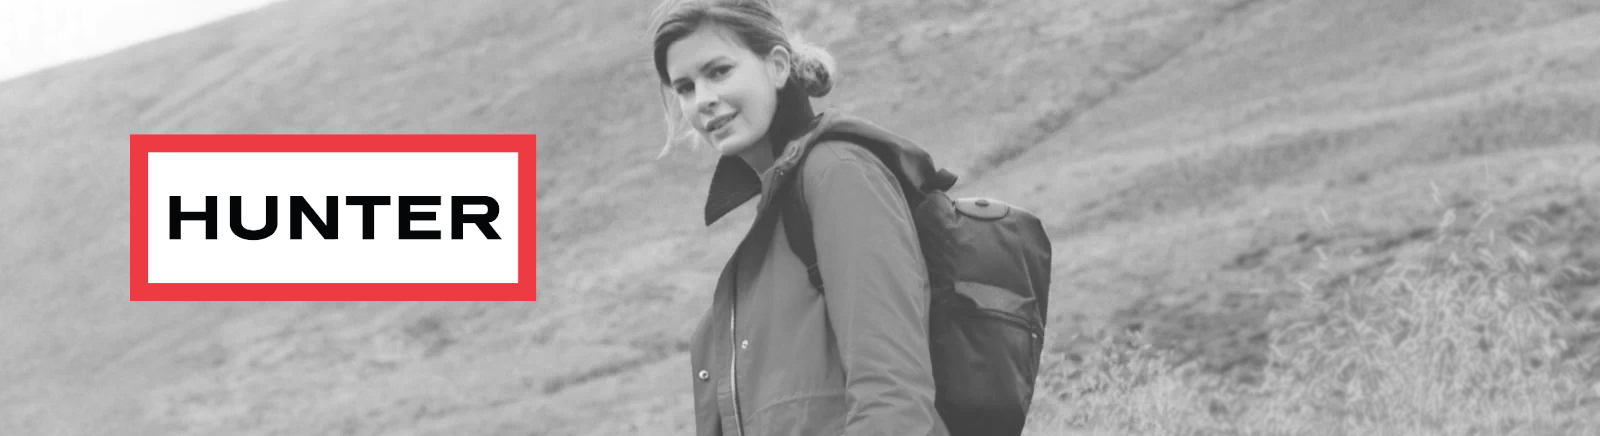 Prange: HUNTER Damenschuhe online shoppen